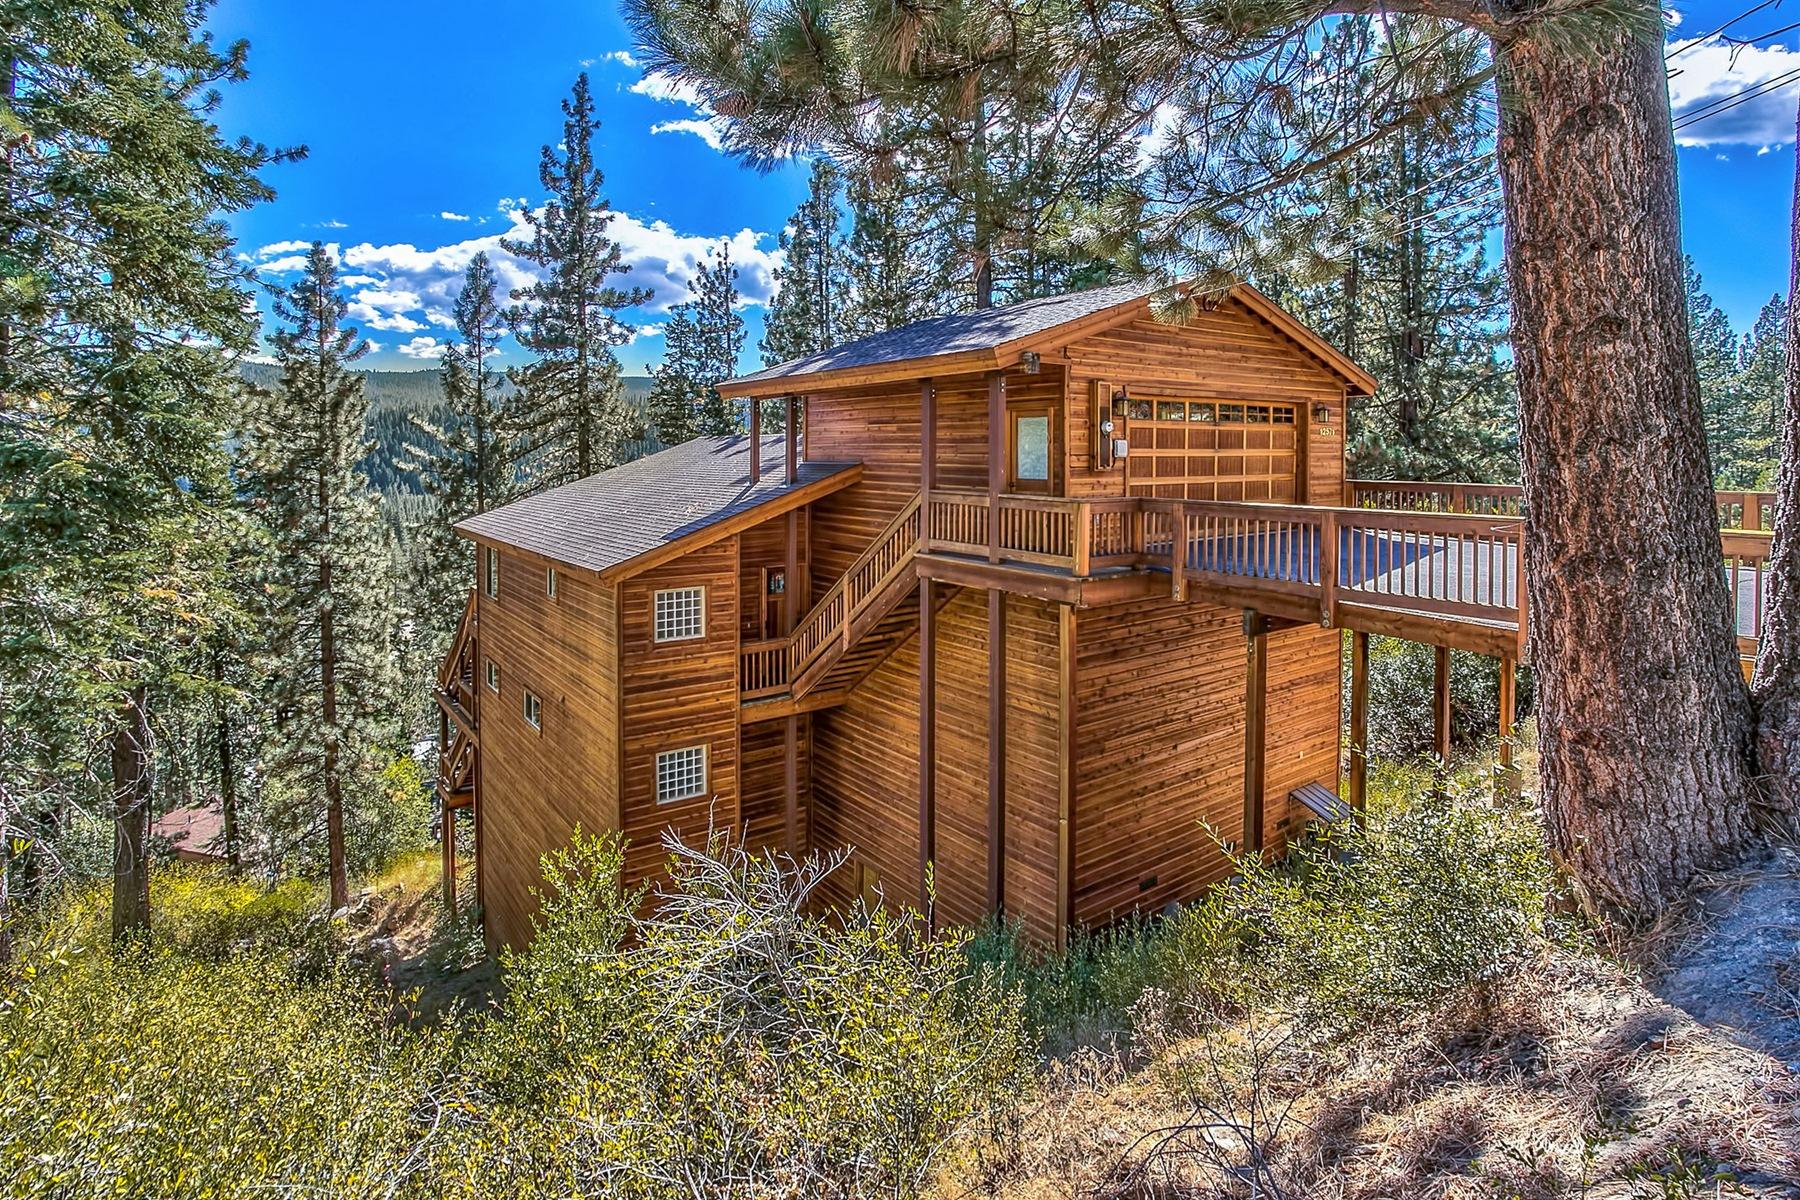 独户住宅 为 销售 在 12571 E Sierra Drive 特拉基, 加利福尼亚州 96161 美国